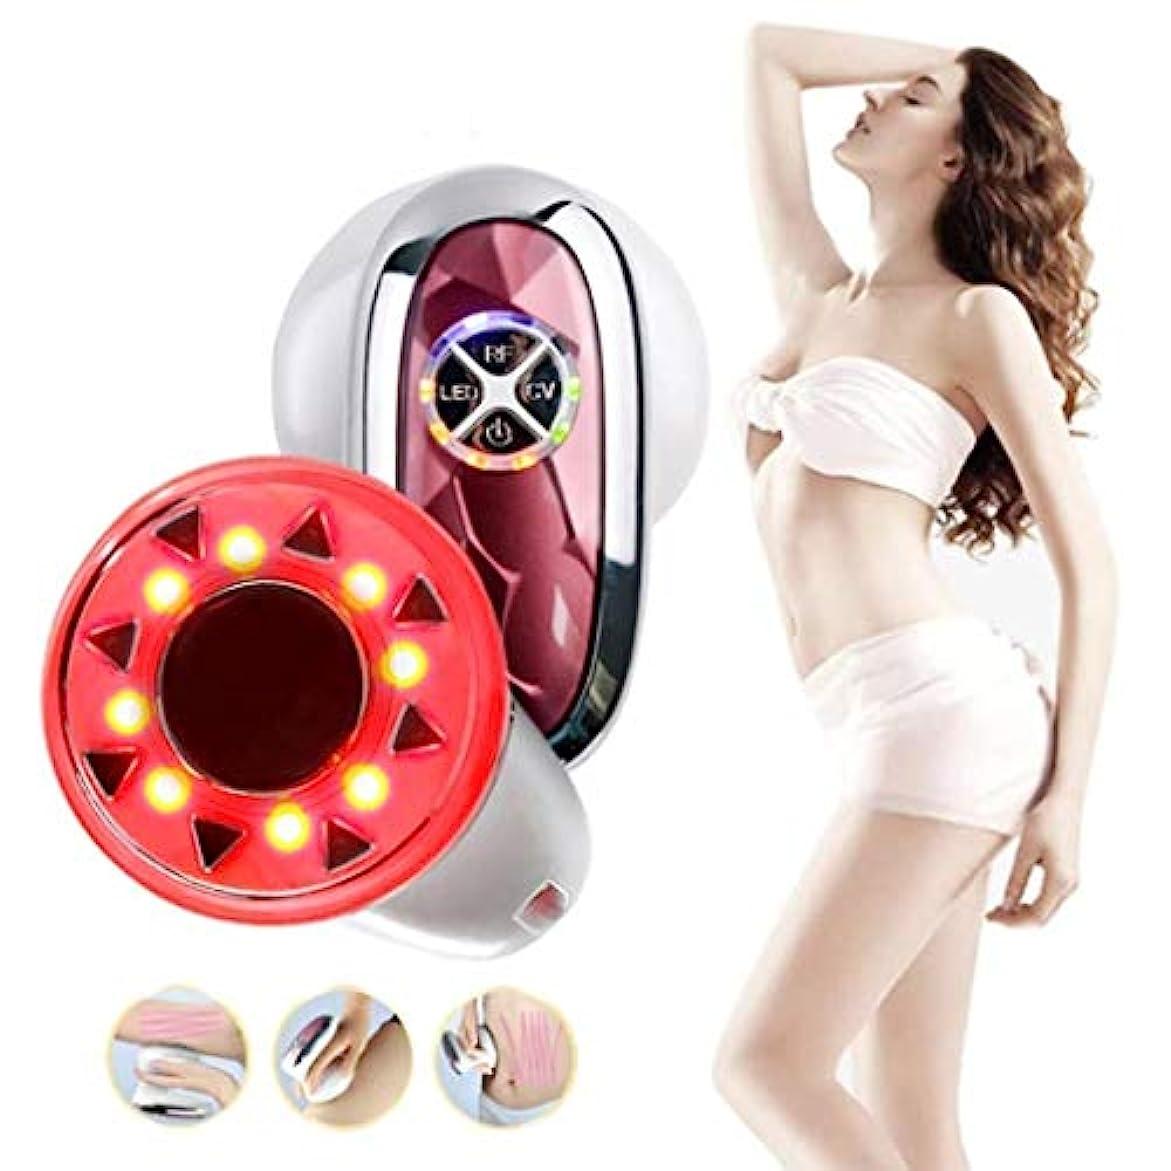 シチリア強制的祭り電気減量機、4-1 - ラジオ周波数マッサージ器、体の腹部、腰、脚、お尻、ボディマッサージ器、スキンケア機器